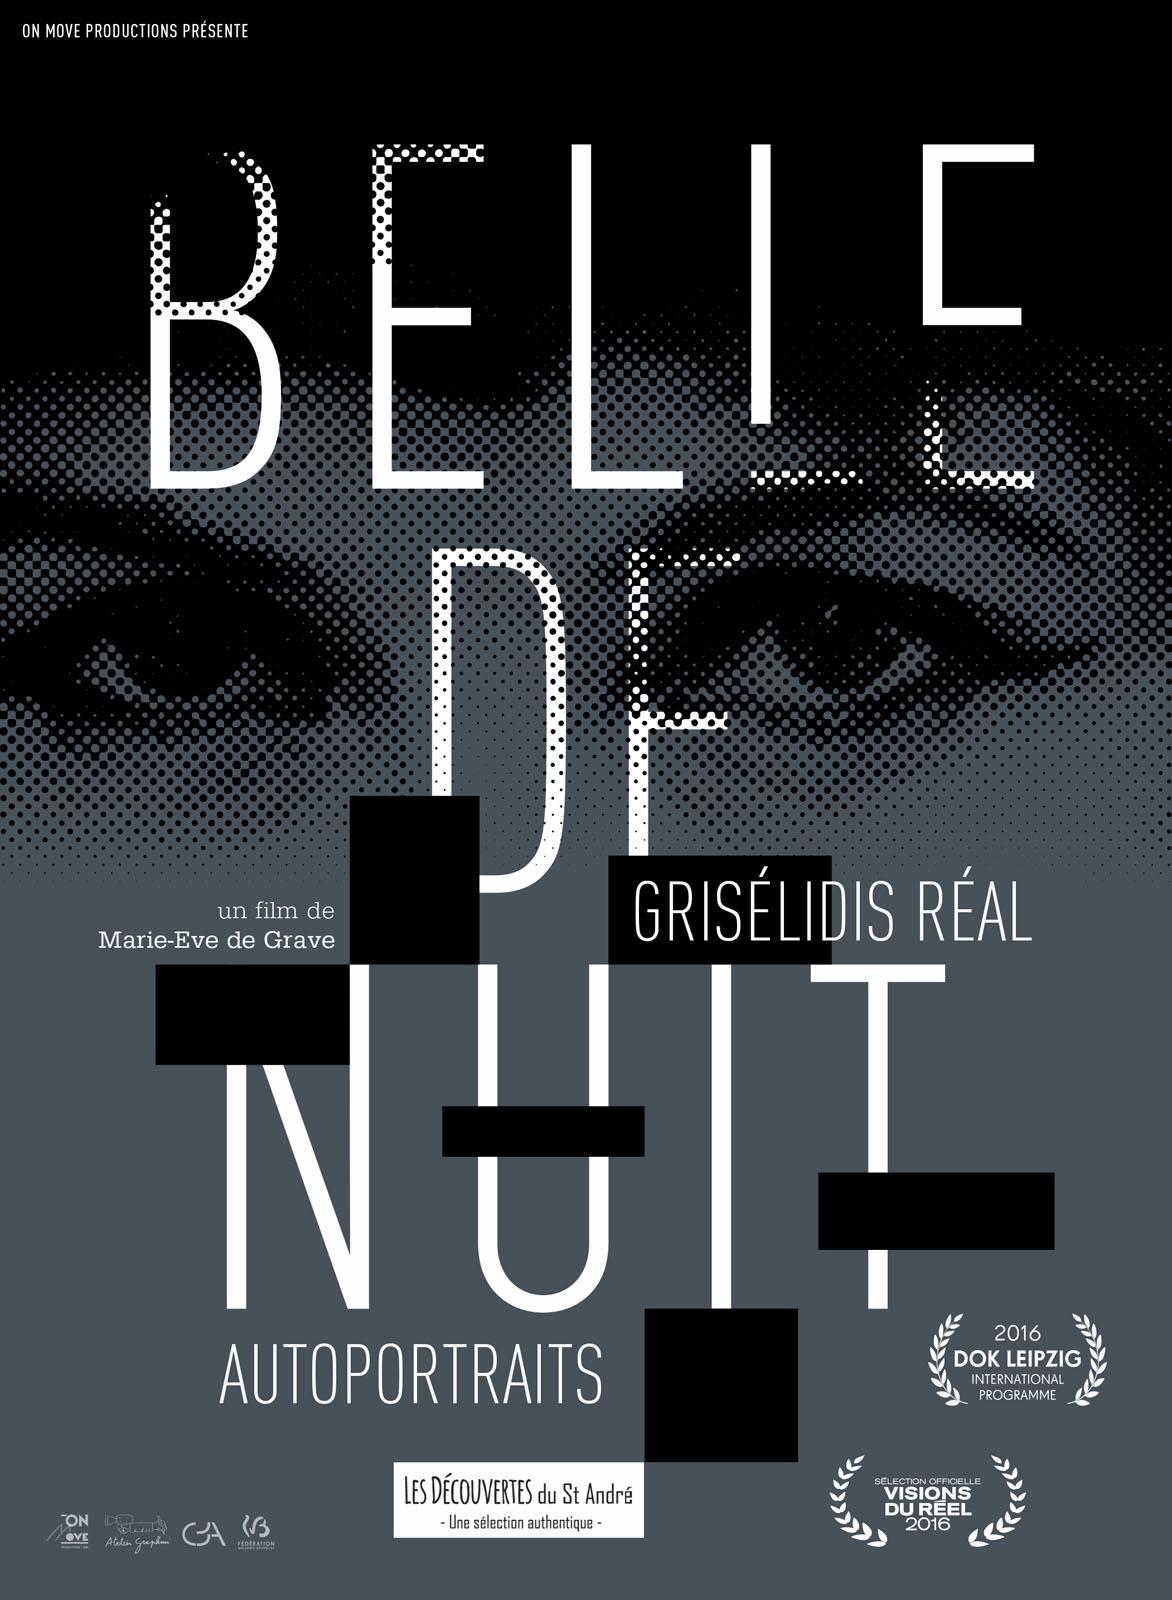 Belle de nuit - Grisélidis Réal, autoportraits